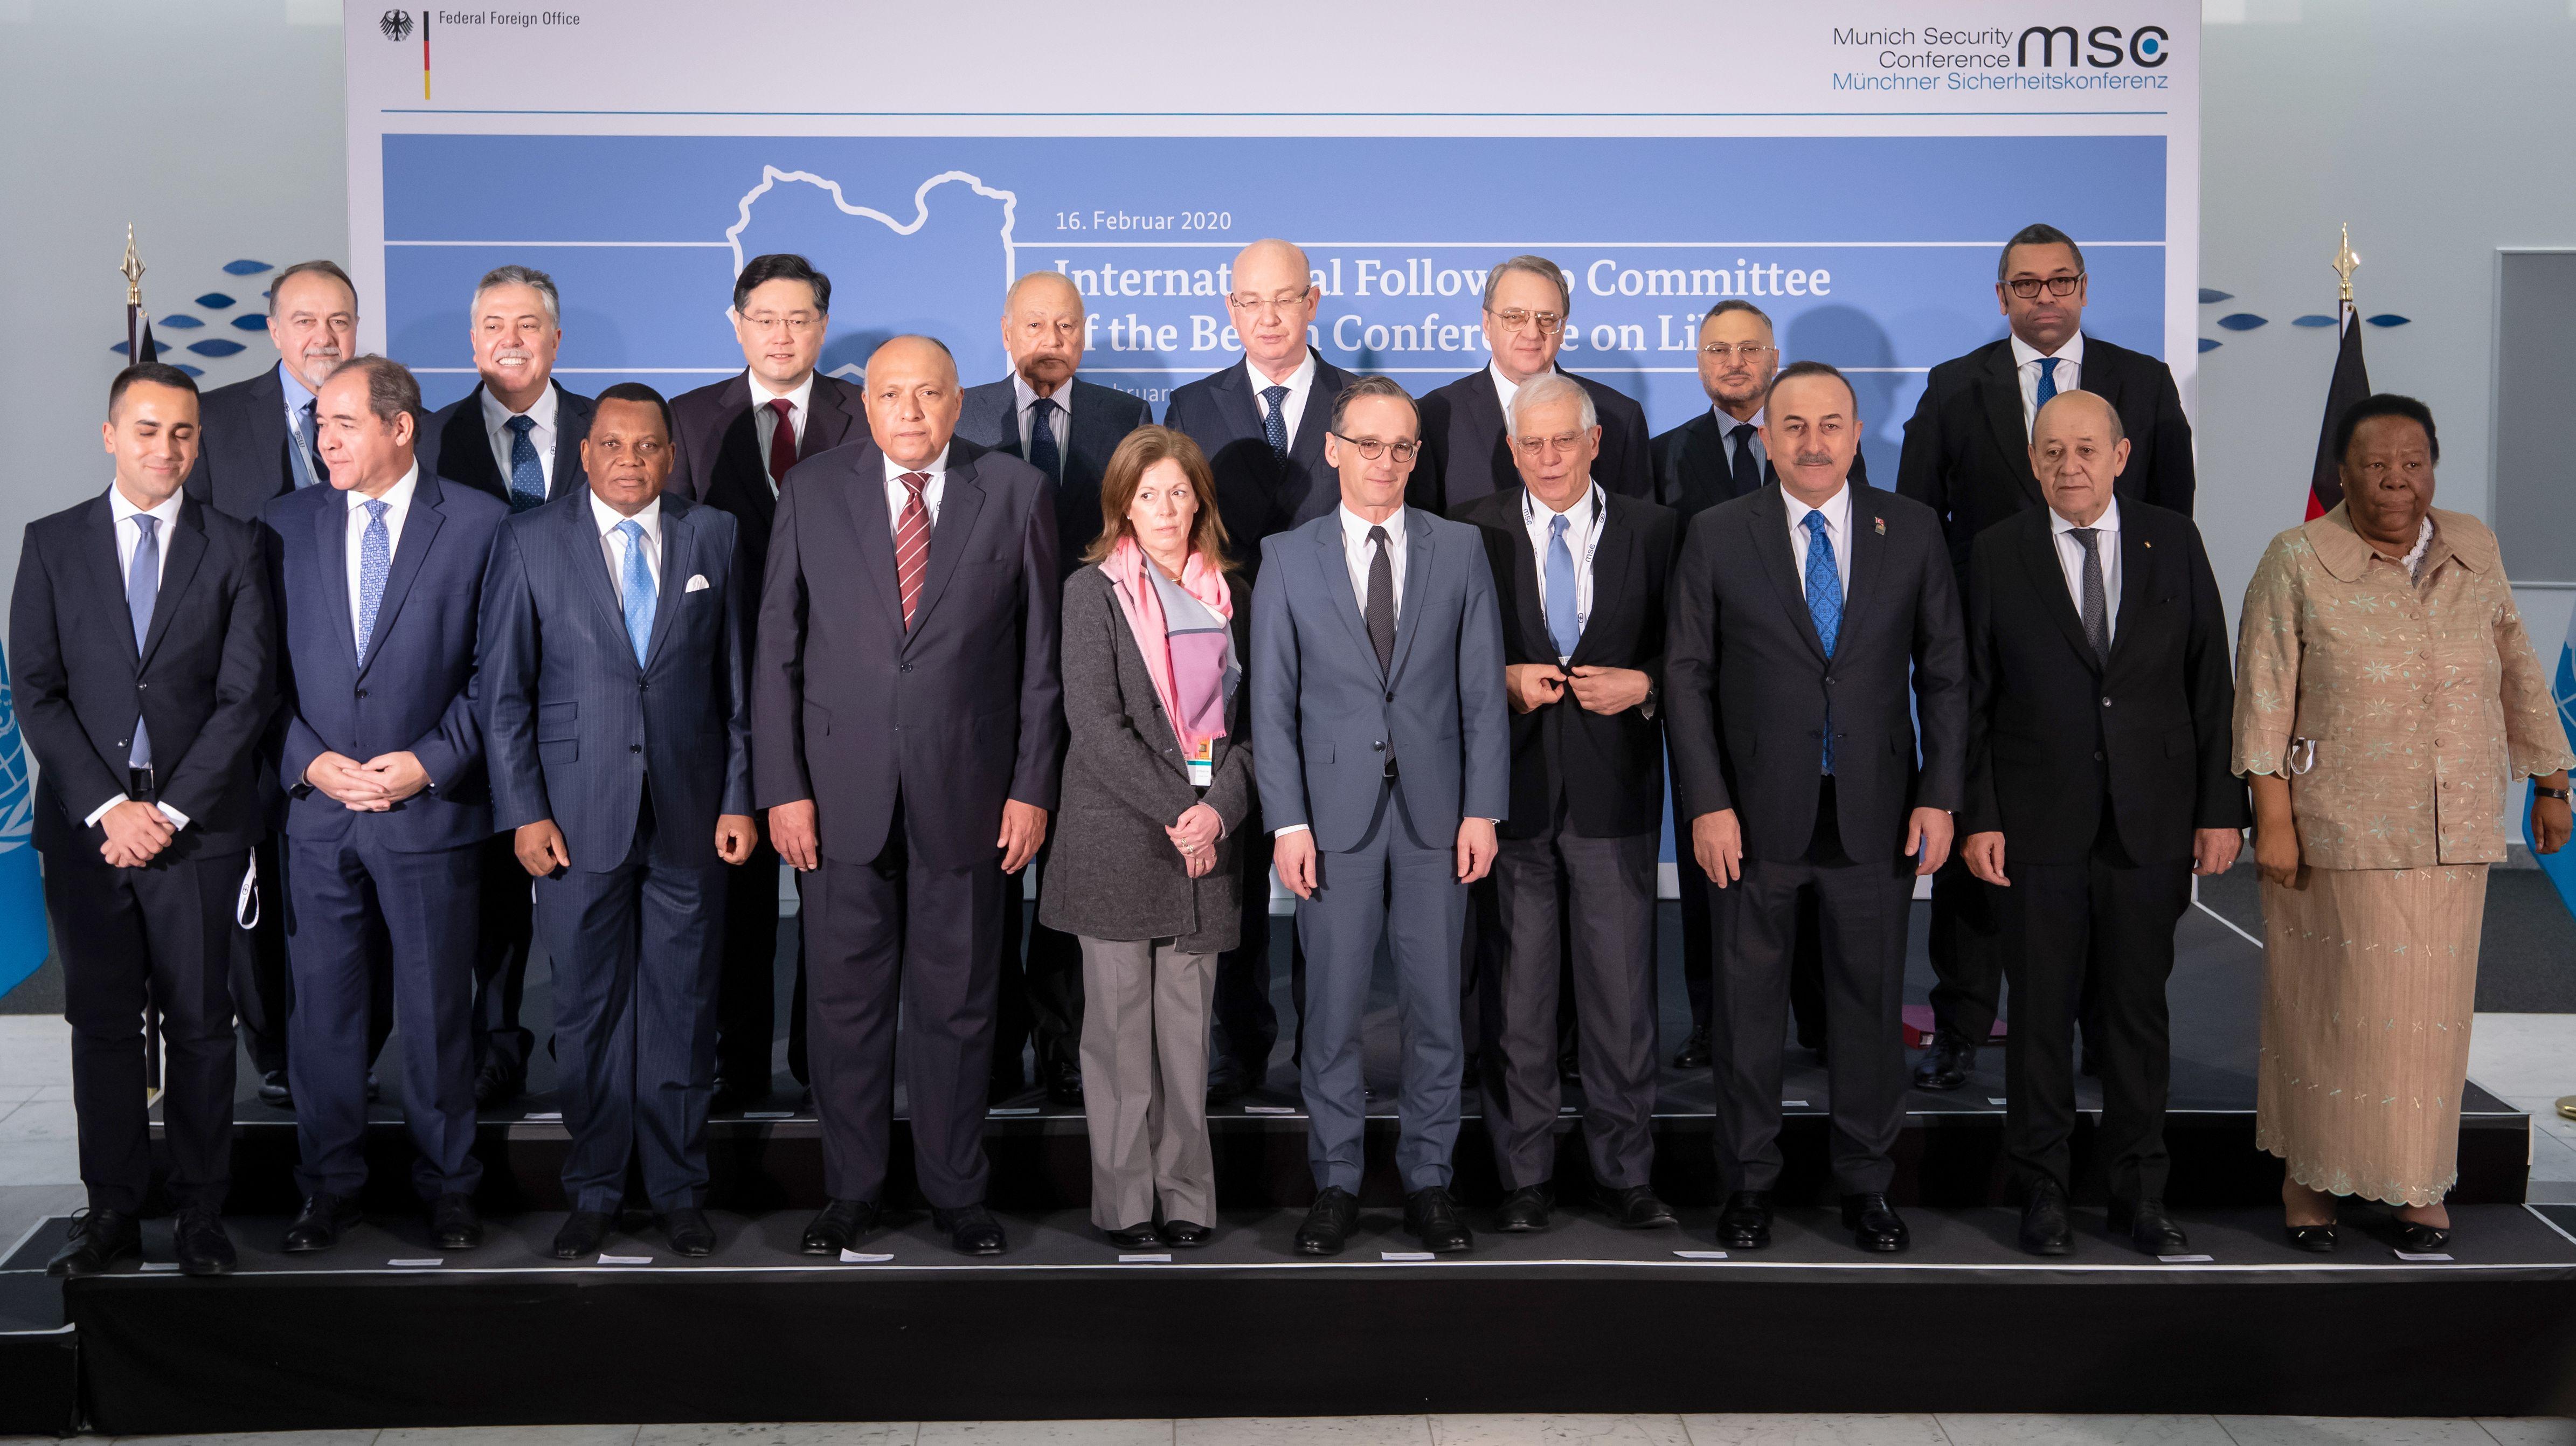 Abschluss der Sicherheitskonferenz: Europa steht im Mittelpunkt